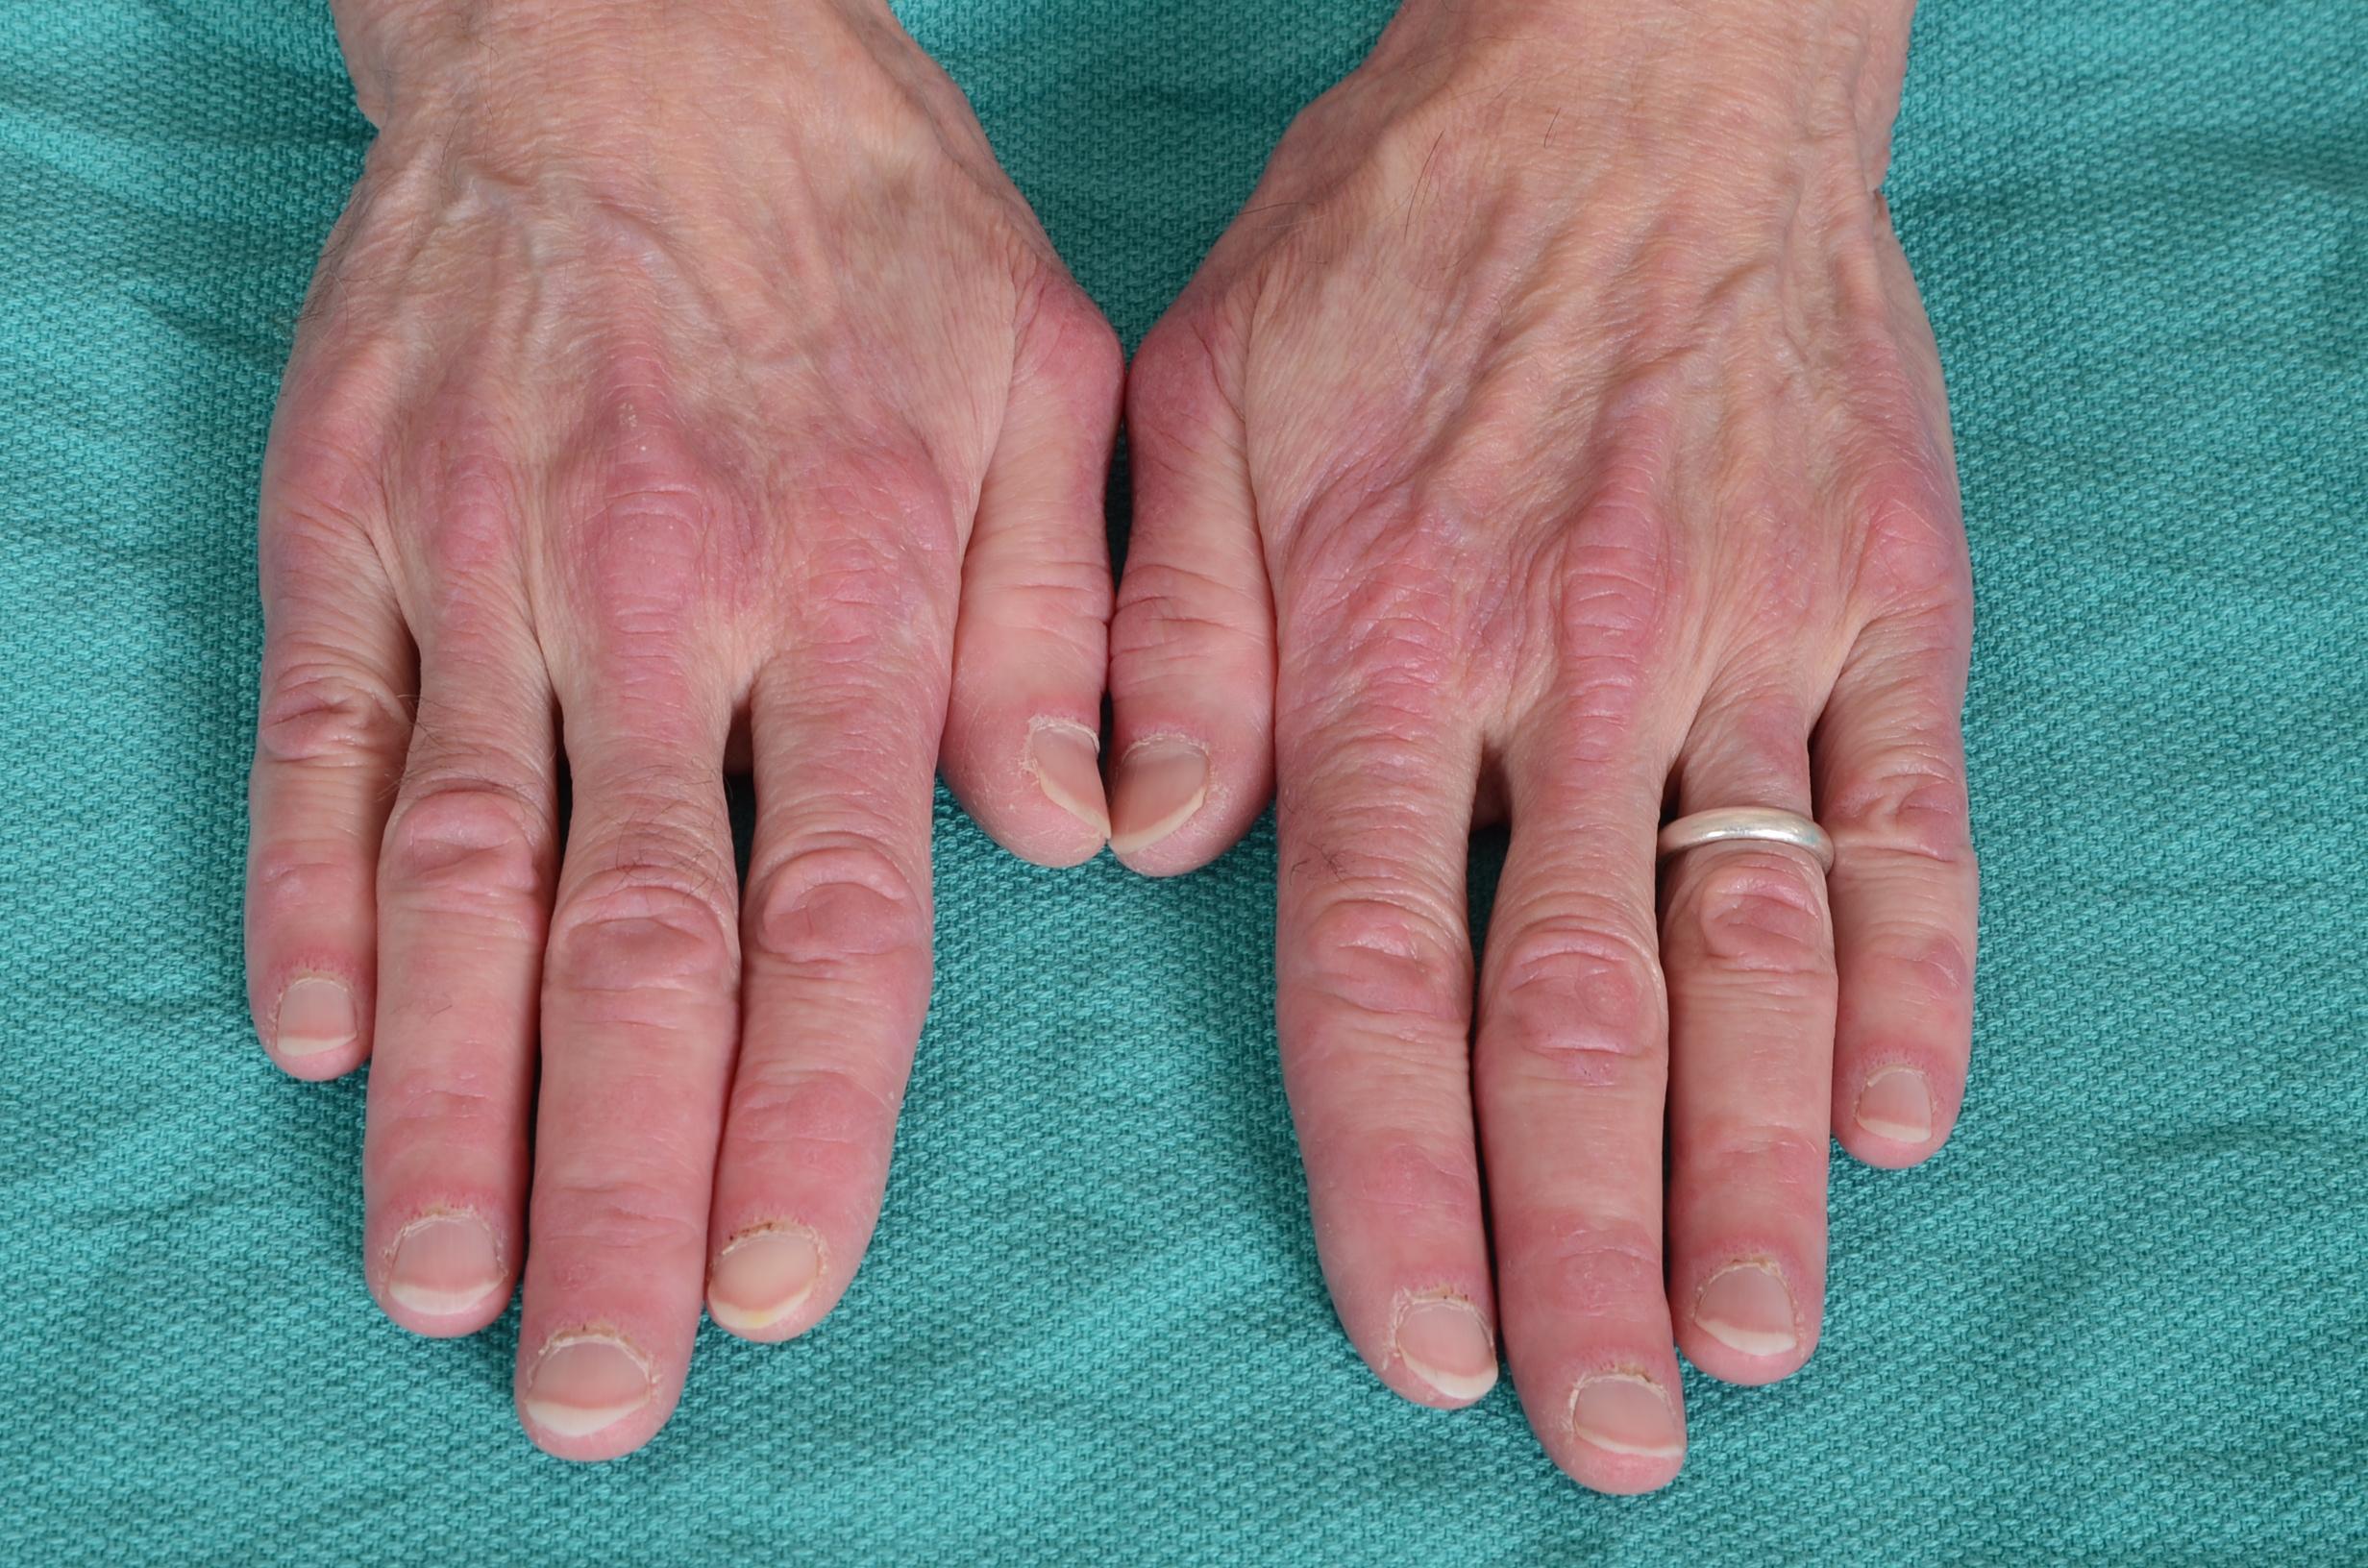 dermatomyositis gottrons papules